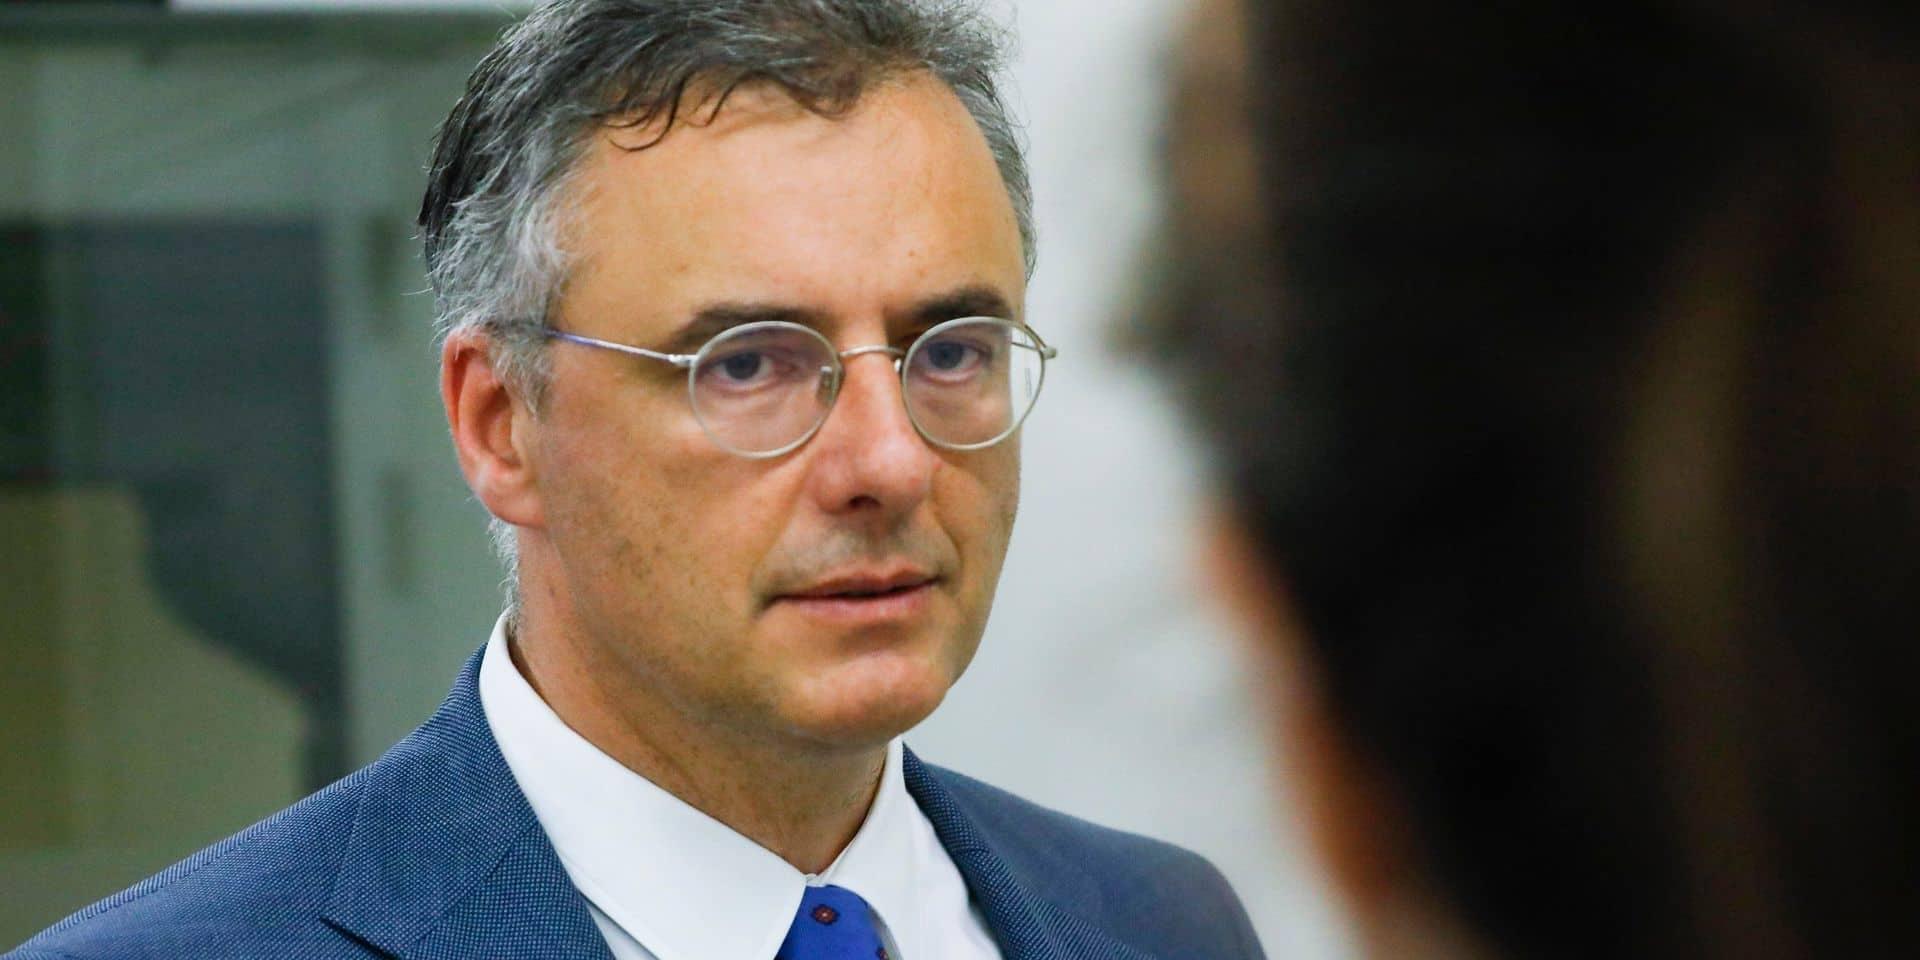 Le modèle suisse ne sauvera sans doute pas la Belgique : pourquoi la proposition de Joachim Coens pose problème